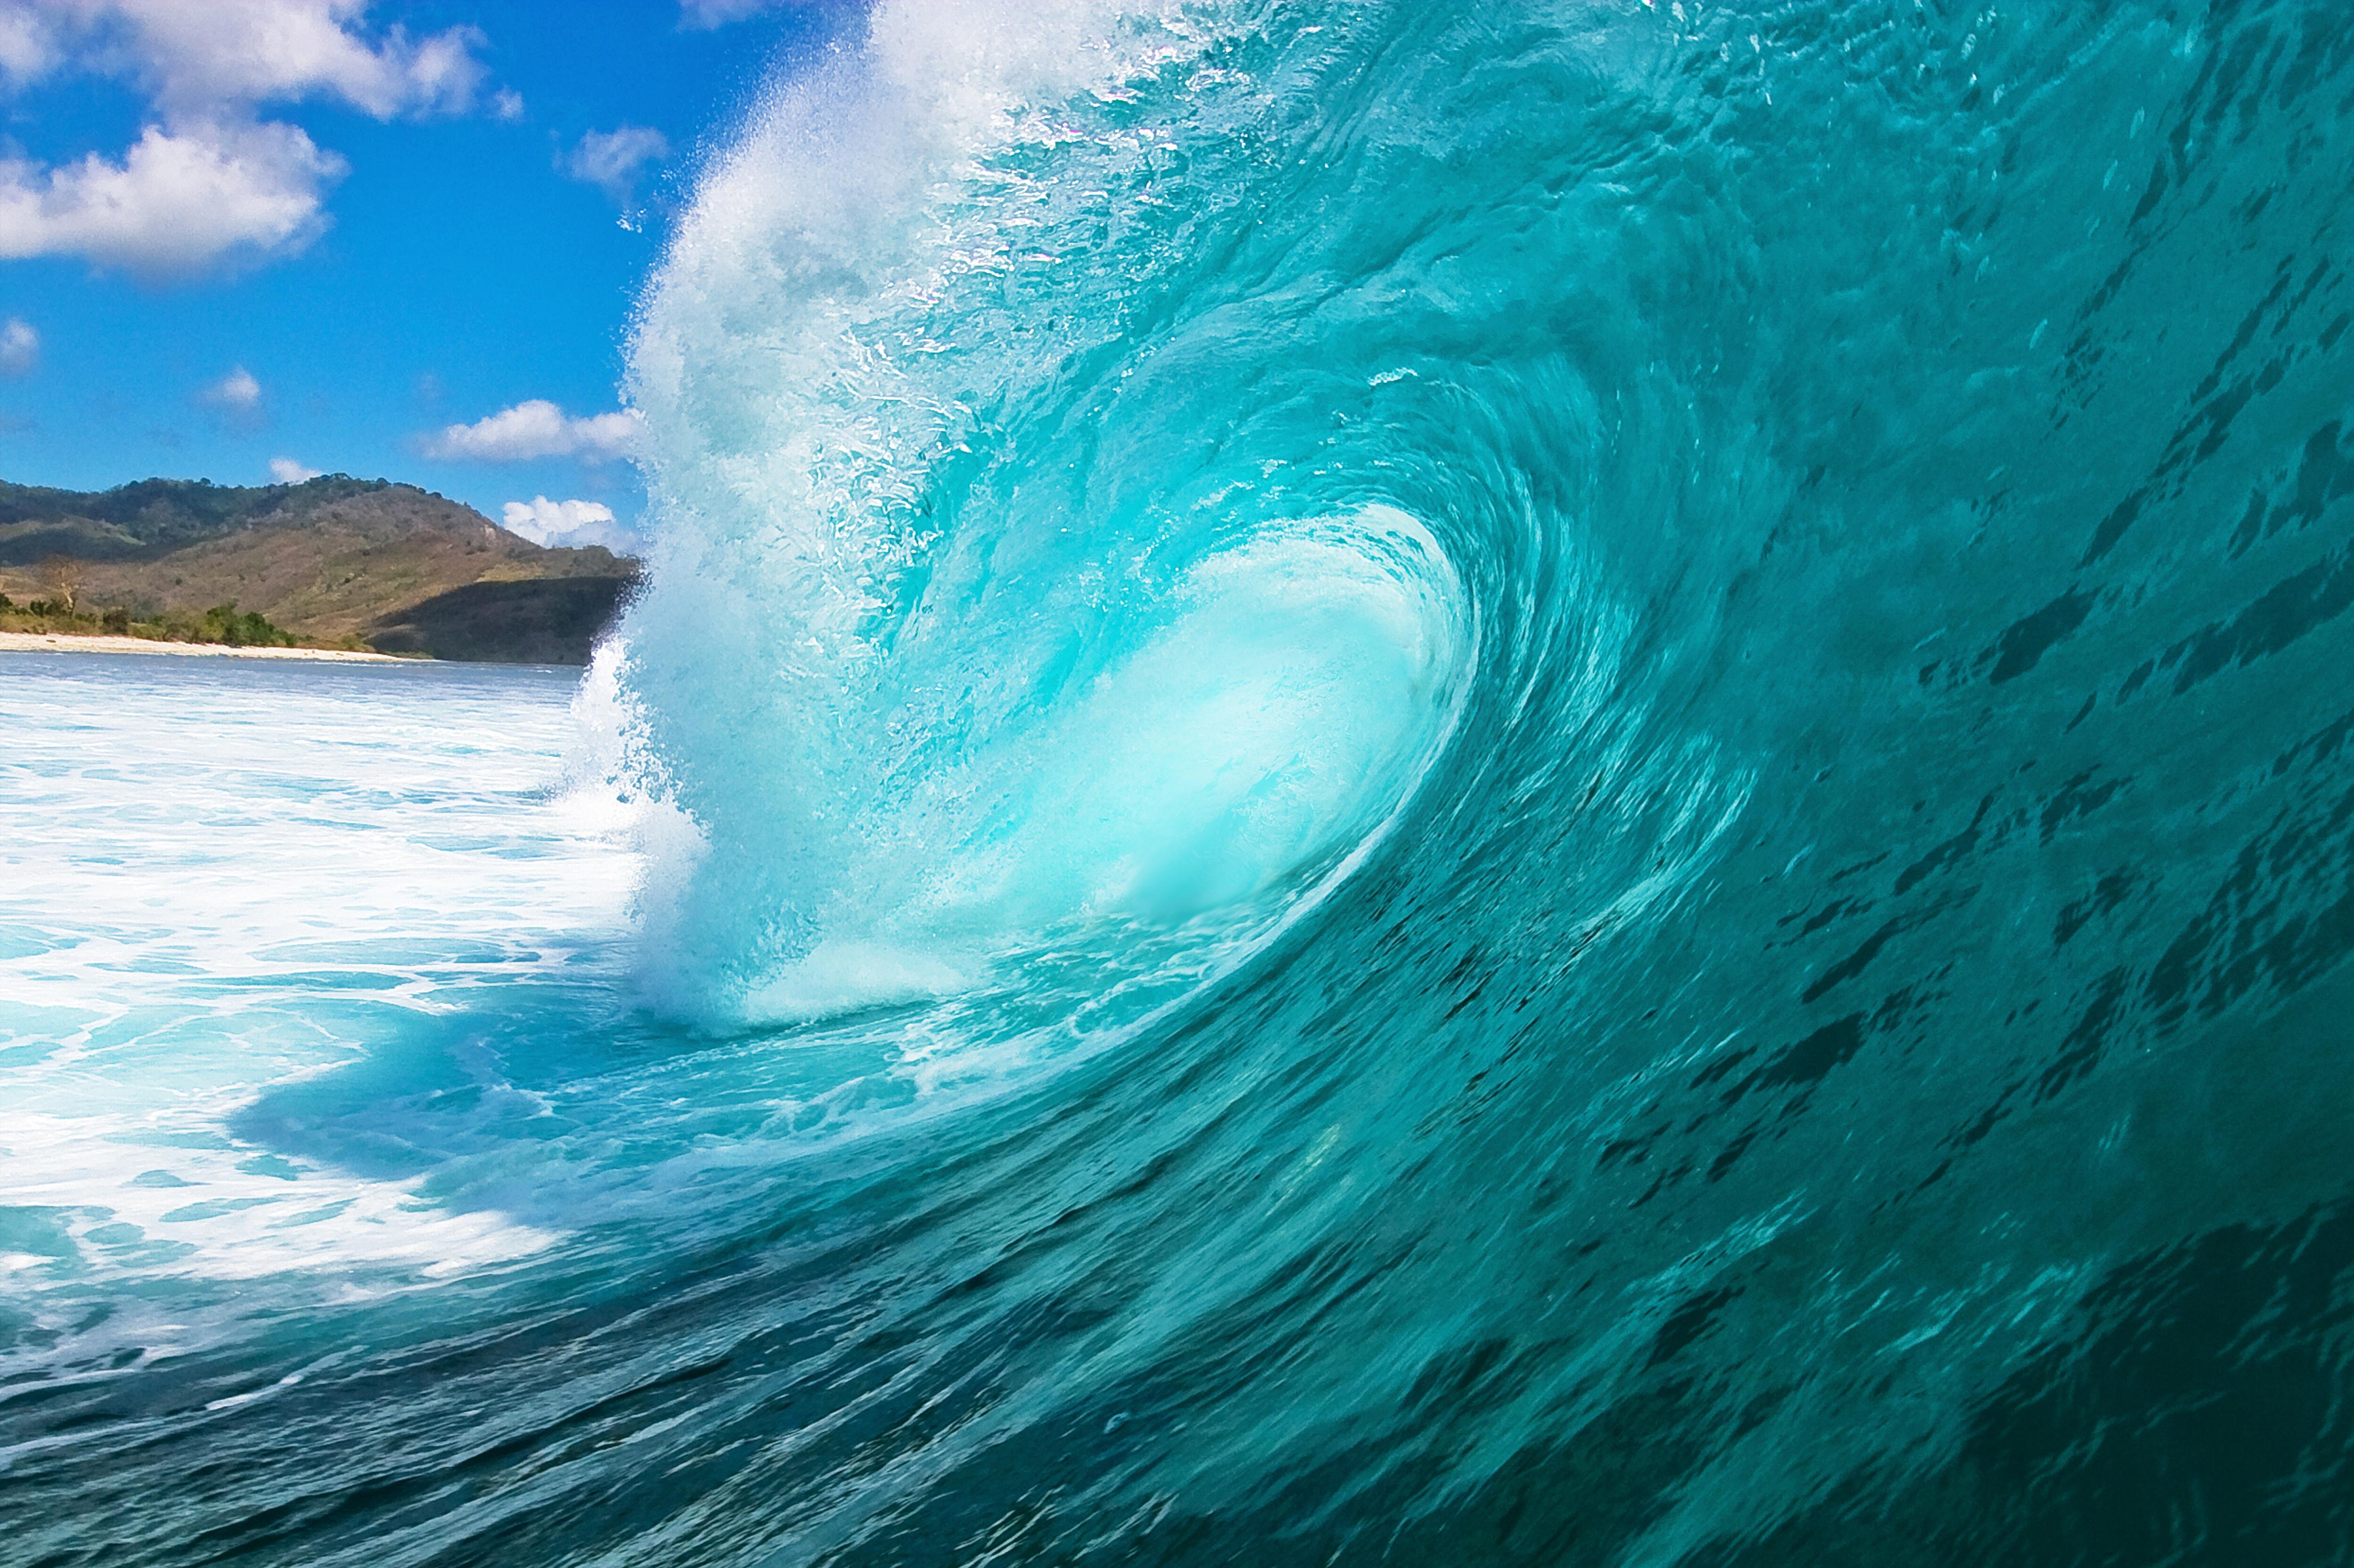 природа волна радуга вода  № 1039604 бесплатно